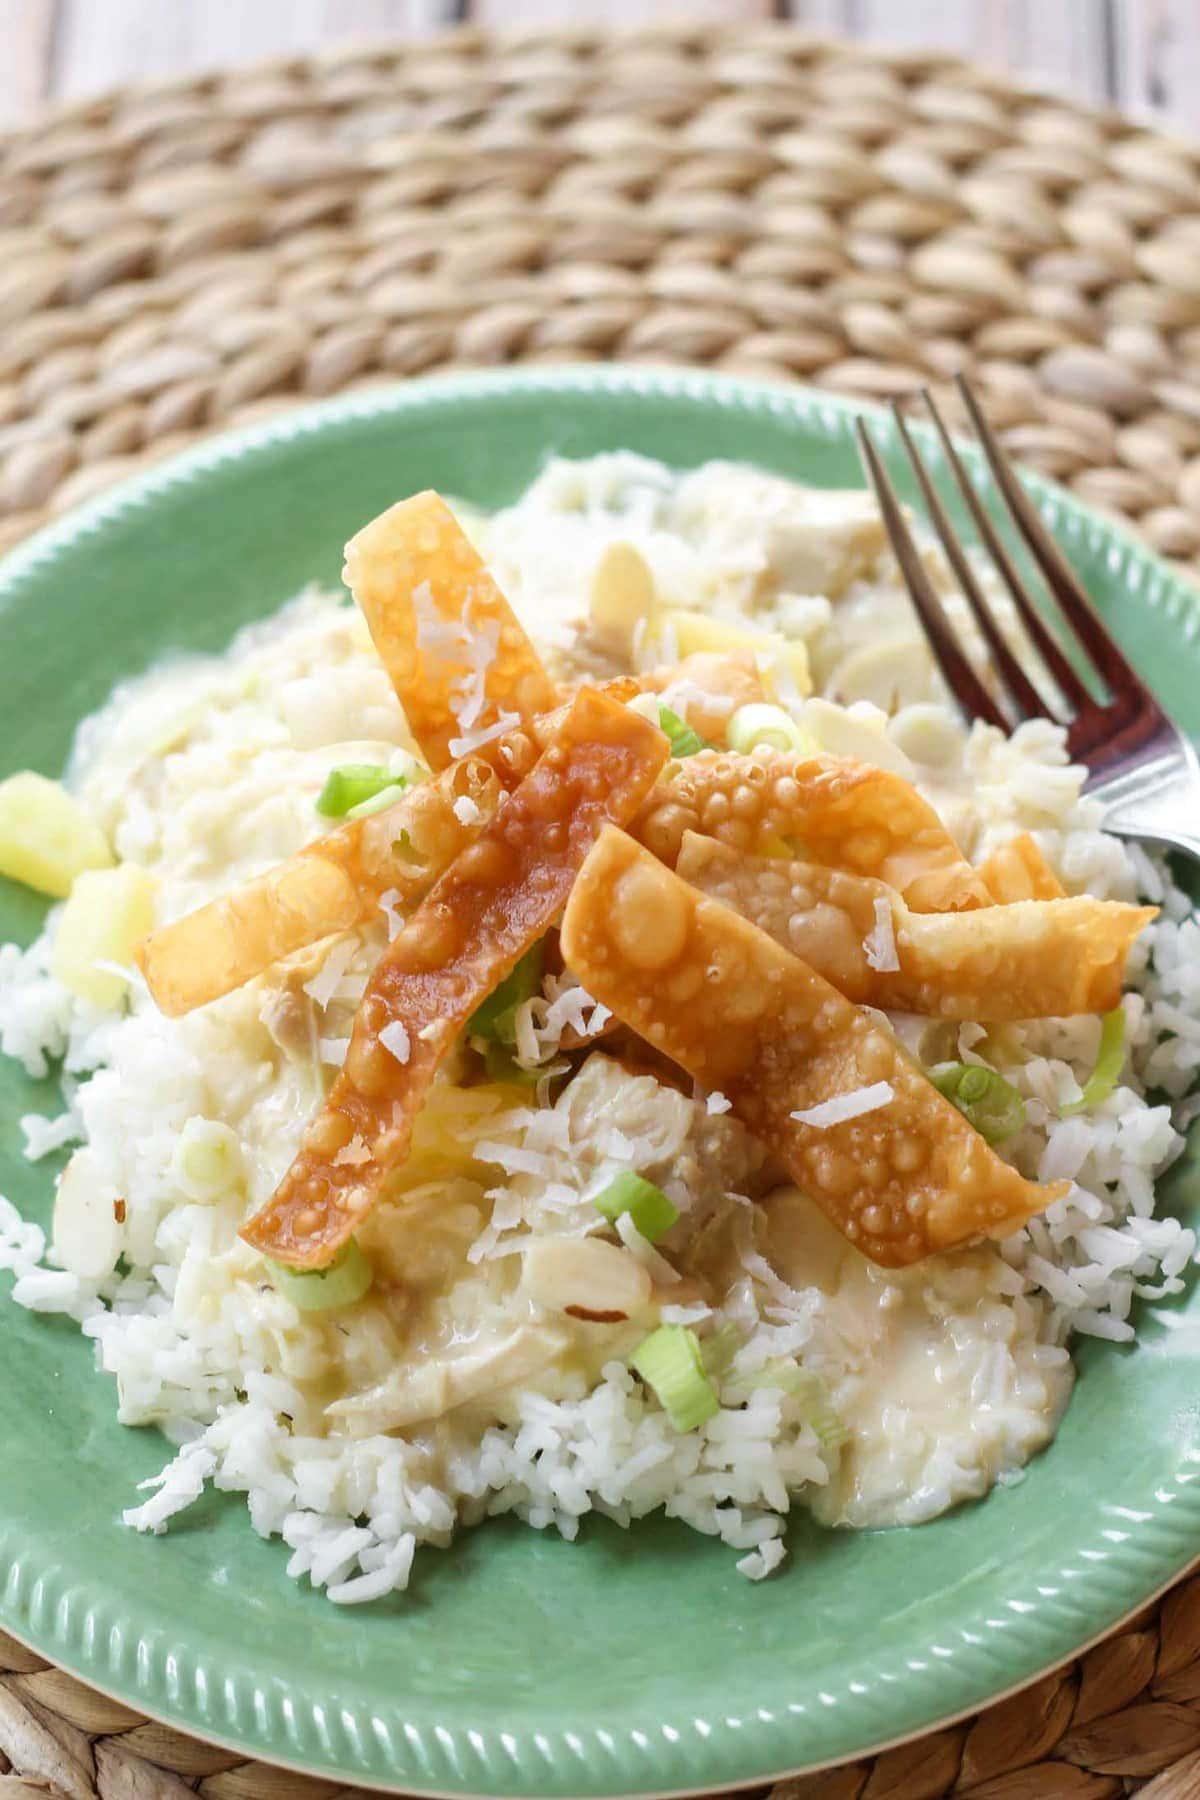 Hawaiian Haystacks recipe on plate